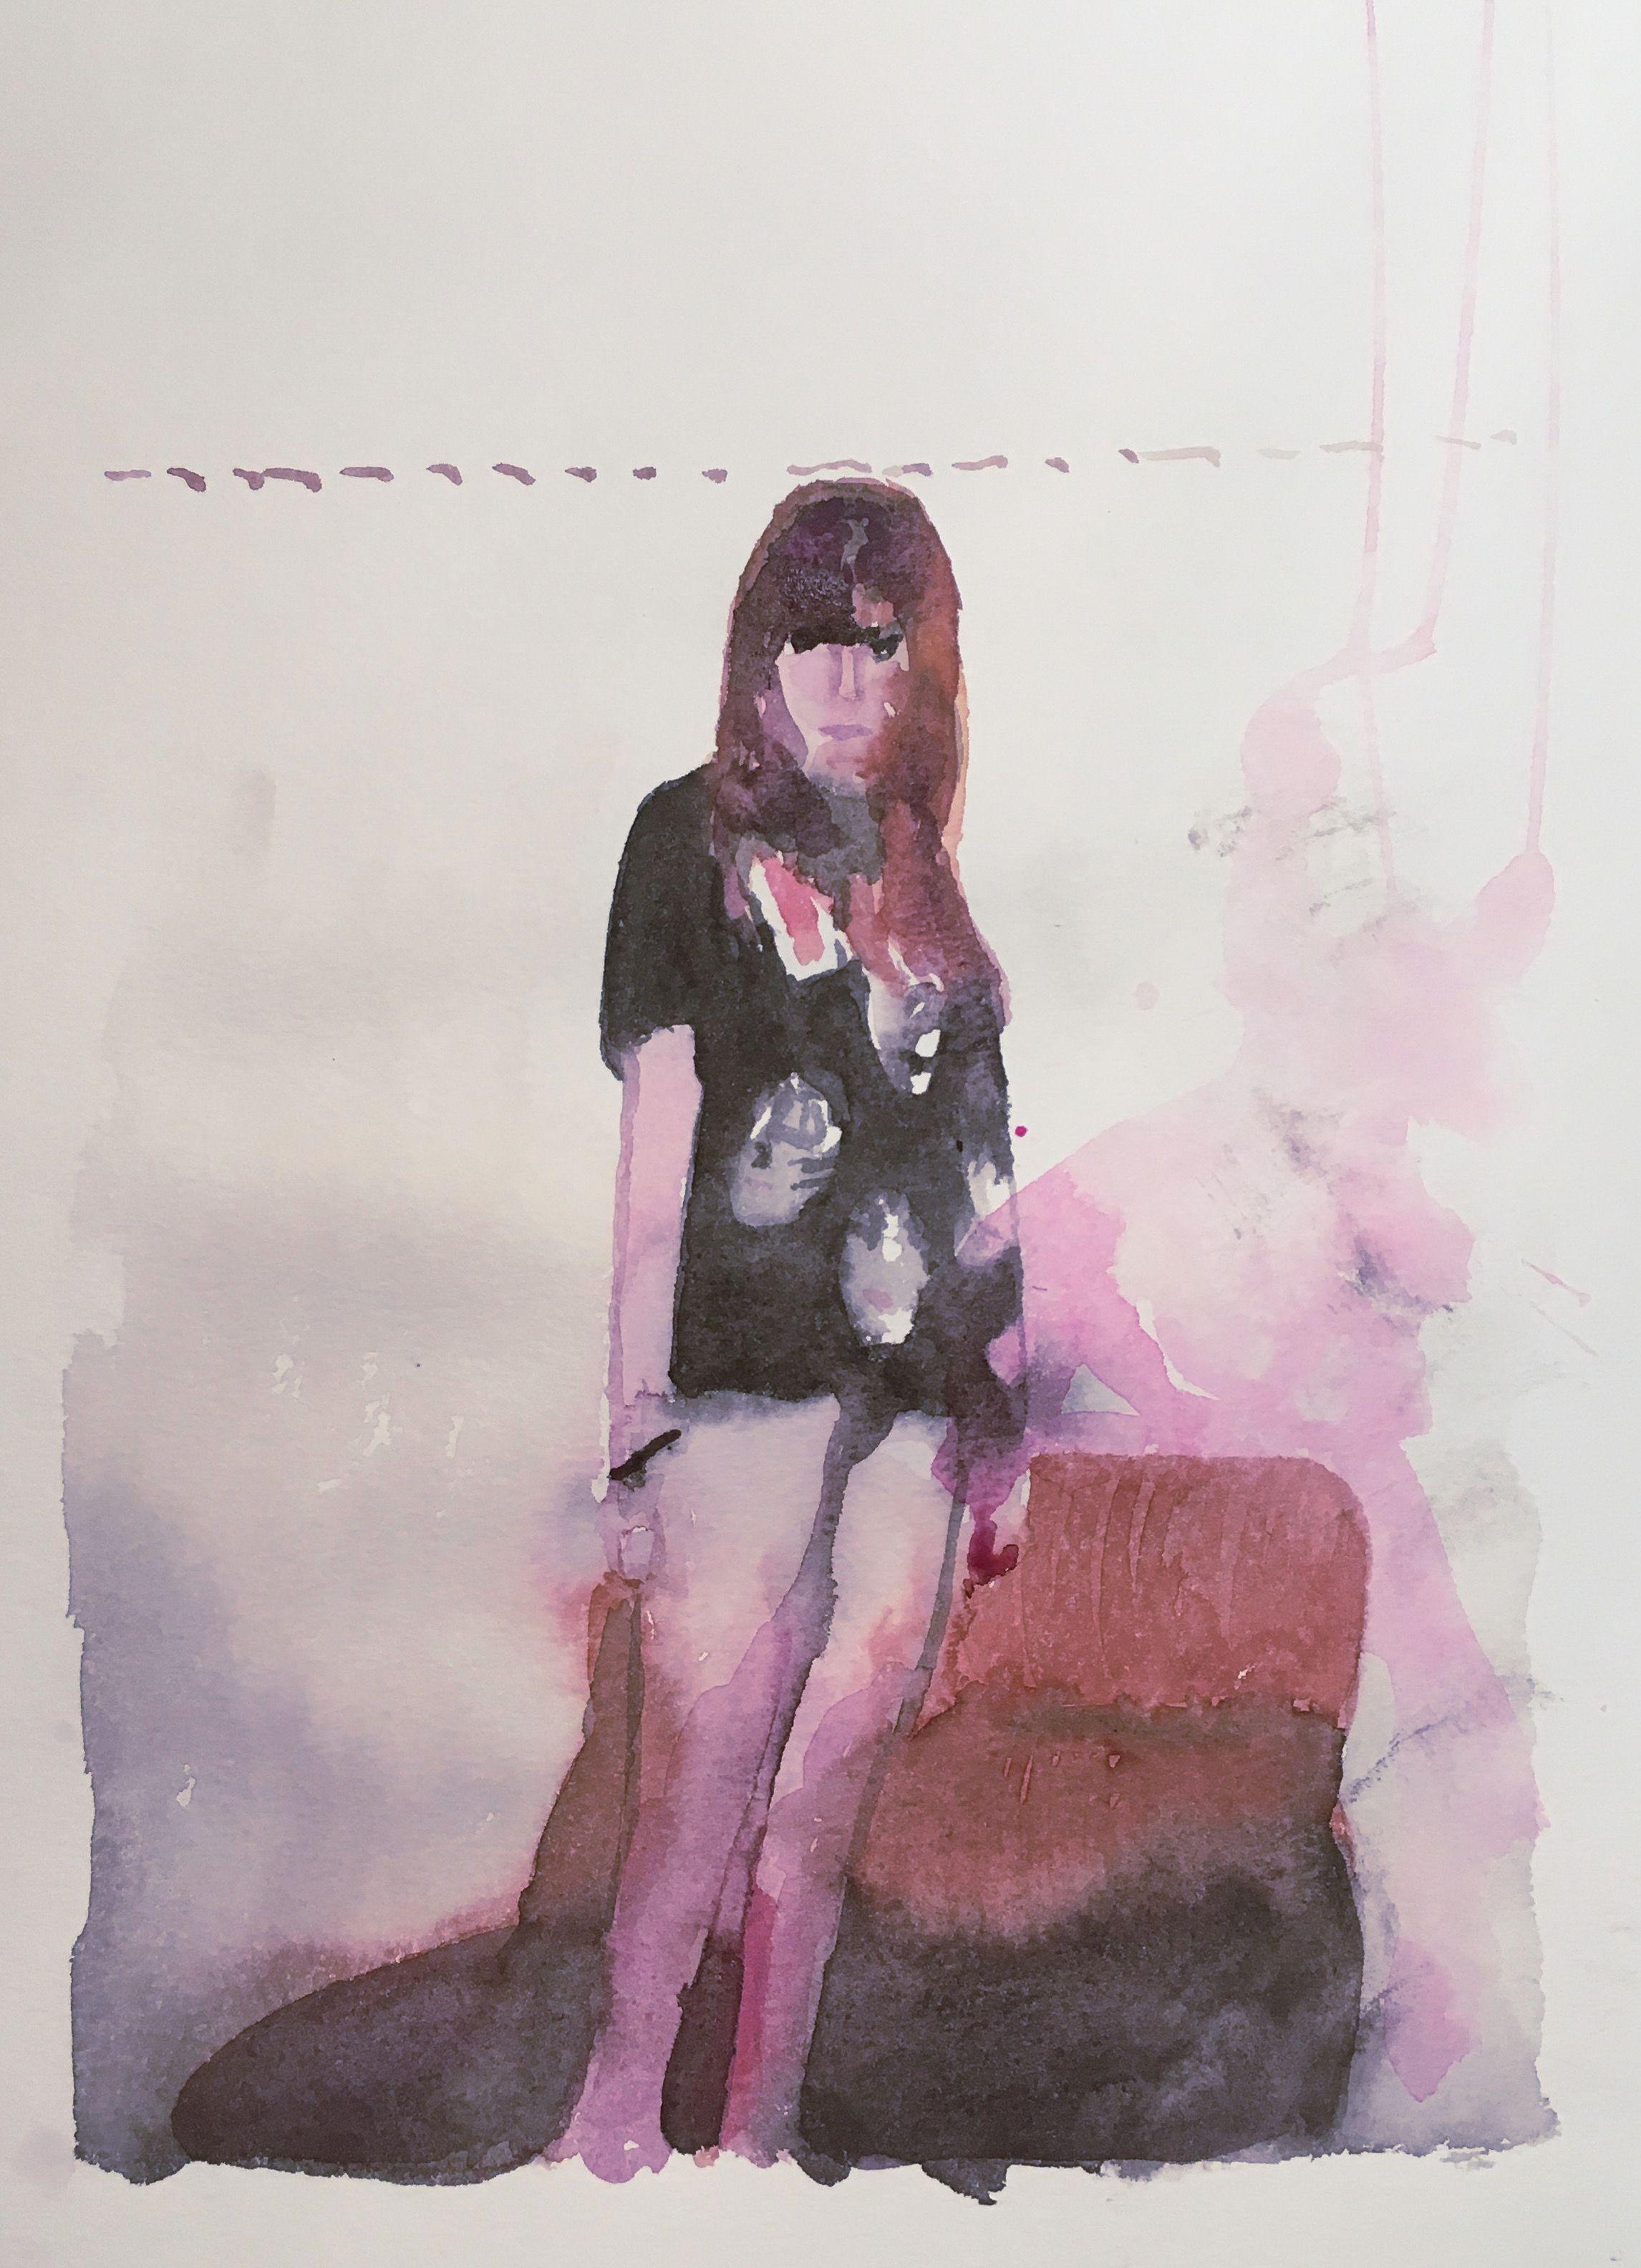 Markus Boesch Five Feet High And Rising Watercolor On Paper 42 Cm X 298 Cm Www Markusboesch Net